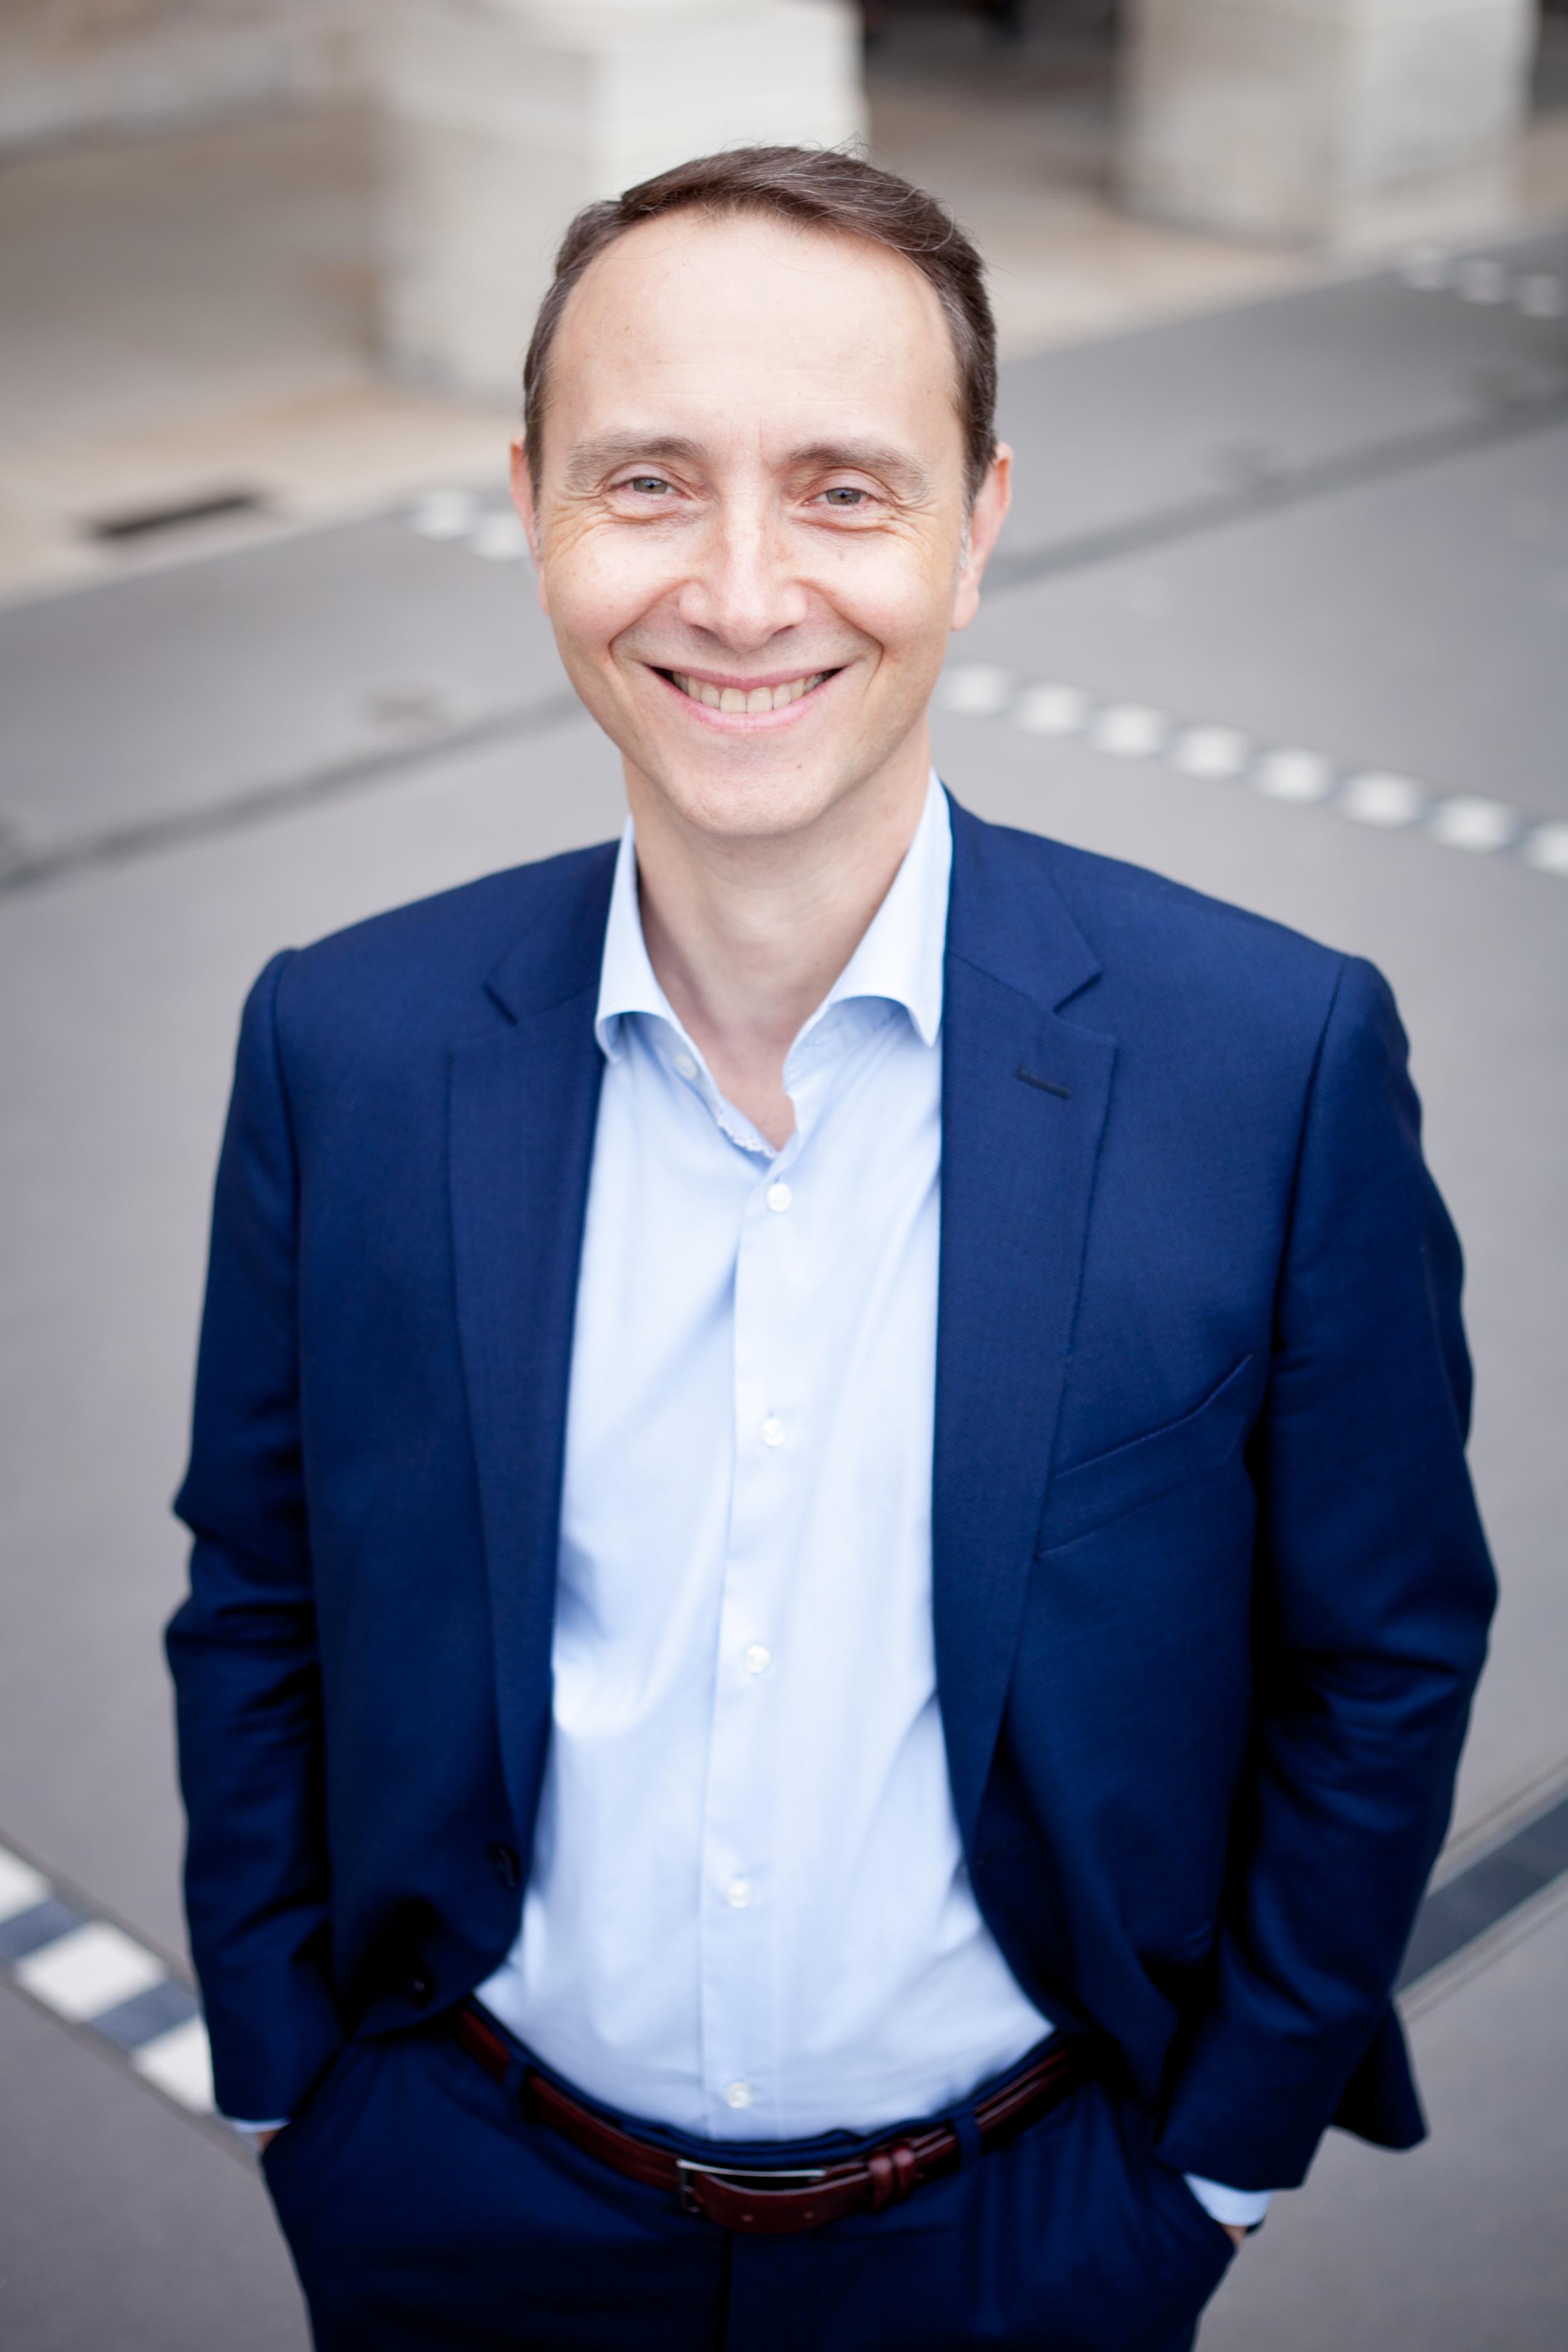 Martin Guichard